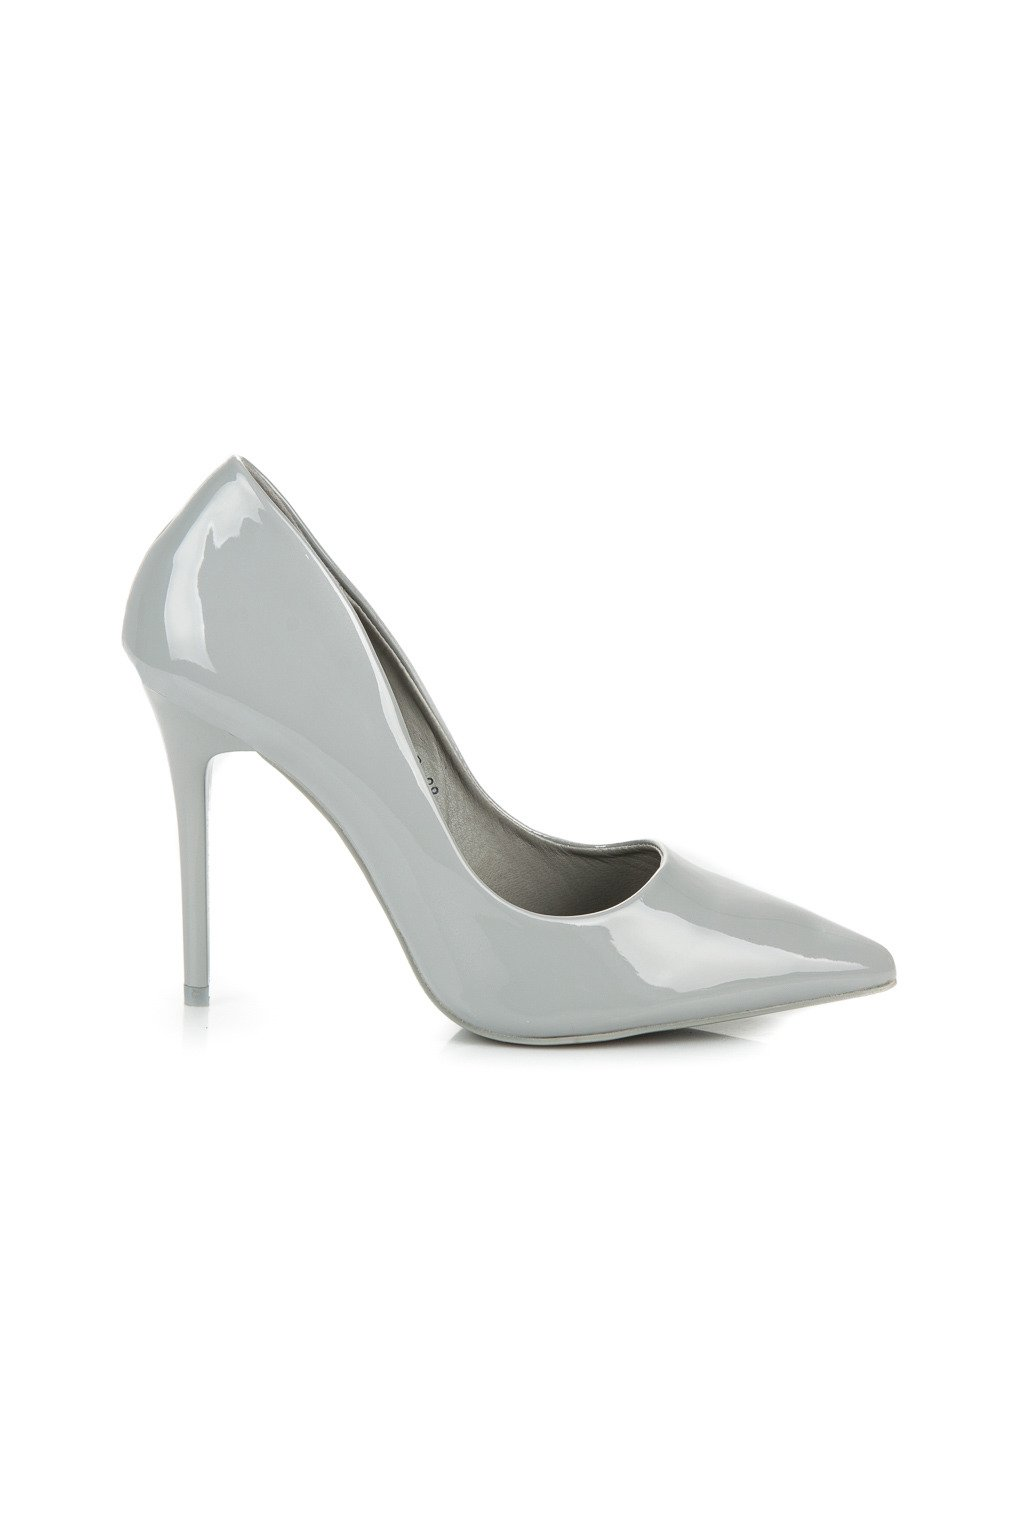 7463301f2 Dámska obuv veľkosť 35 | NAJ.SK